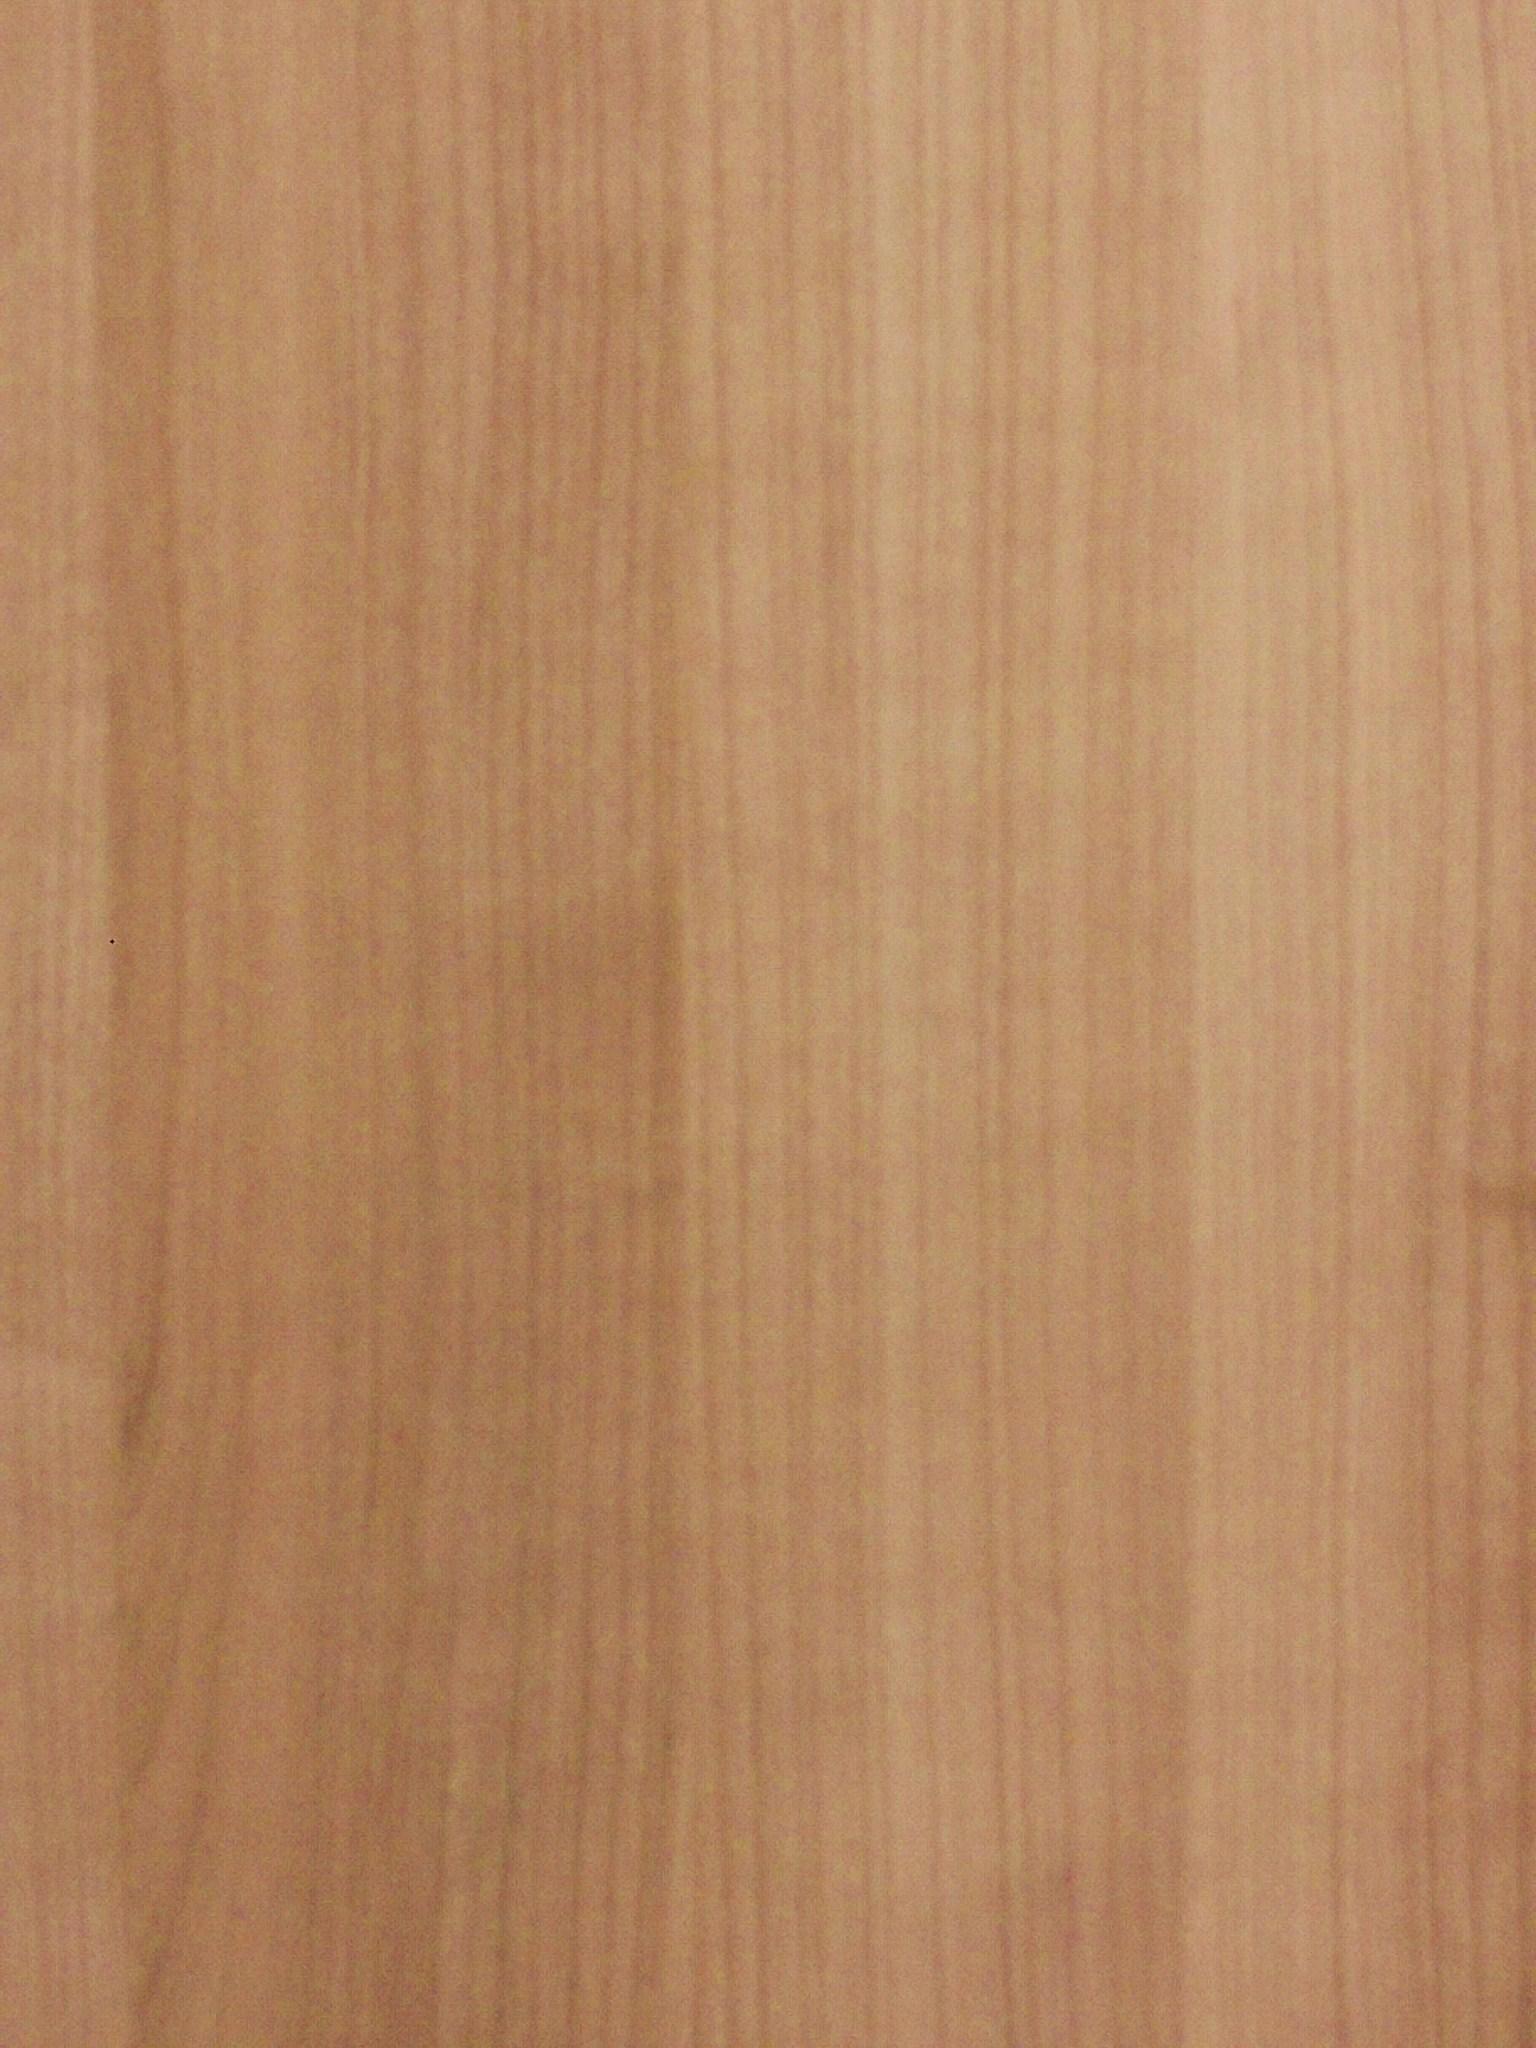 Rüster Holz forst und holz dienstleistungen rüster